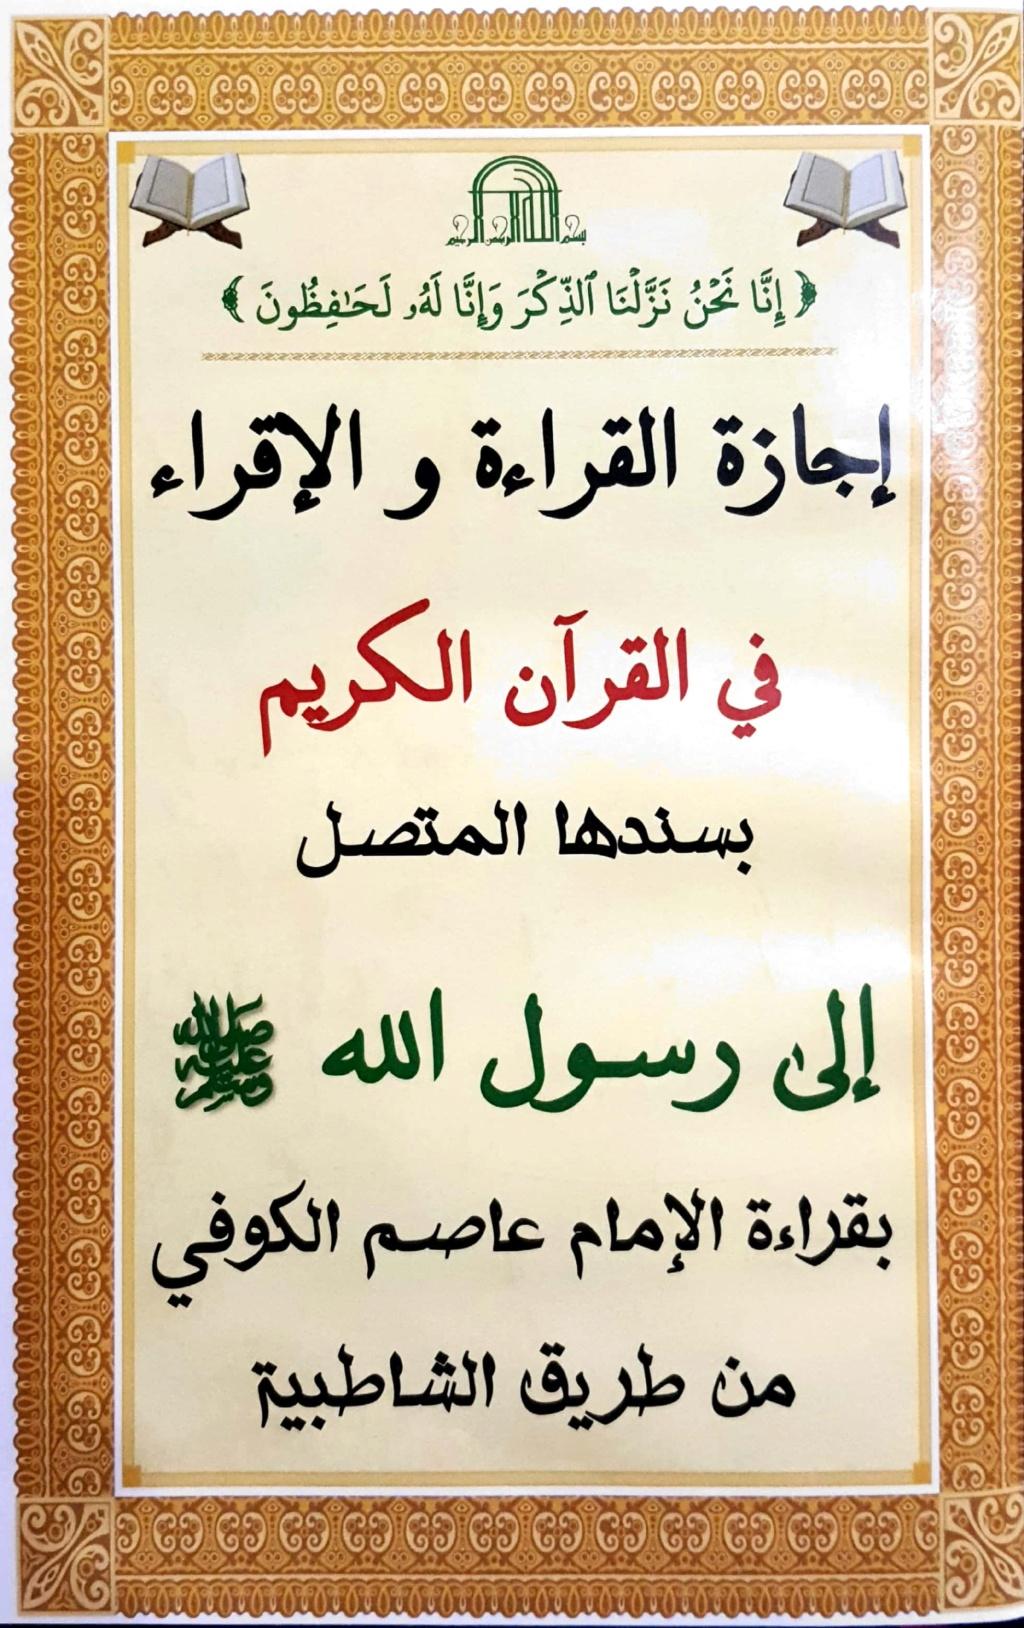 إجازة الشيخ أحمد محمد لبن بقراءة الإمام عاصم  Aeo_aa11